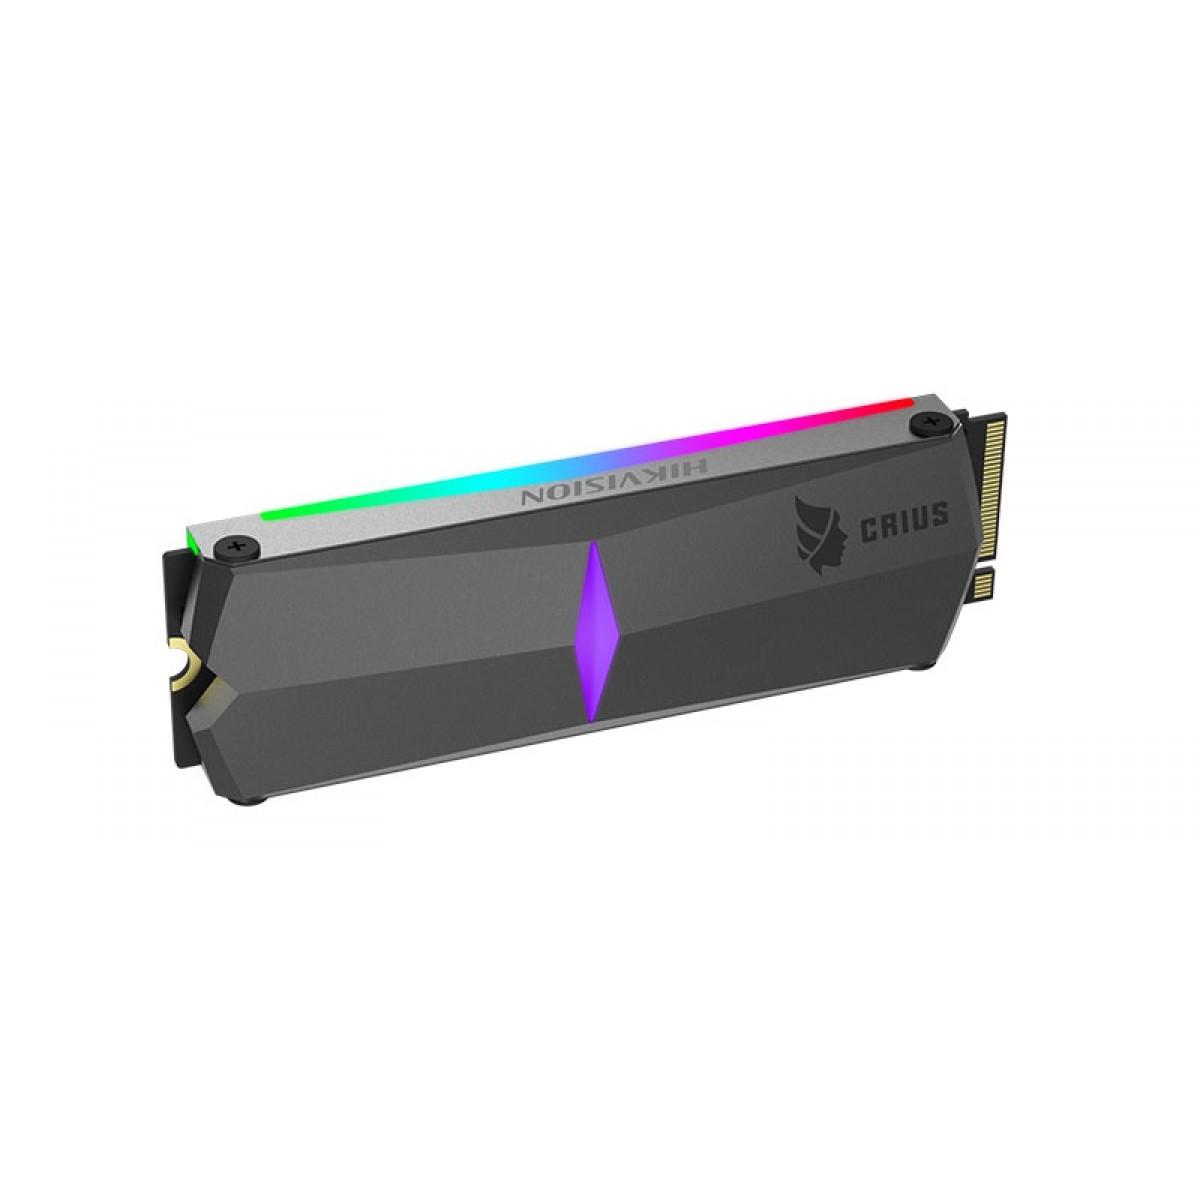 SSD Hikvision E-2000R 1TB, M.2 NVME, Leitura 3450MBs e Gravação 2900MBs, HS-SSD-E2000R-1024GB